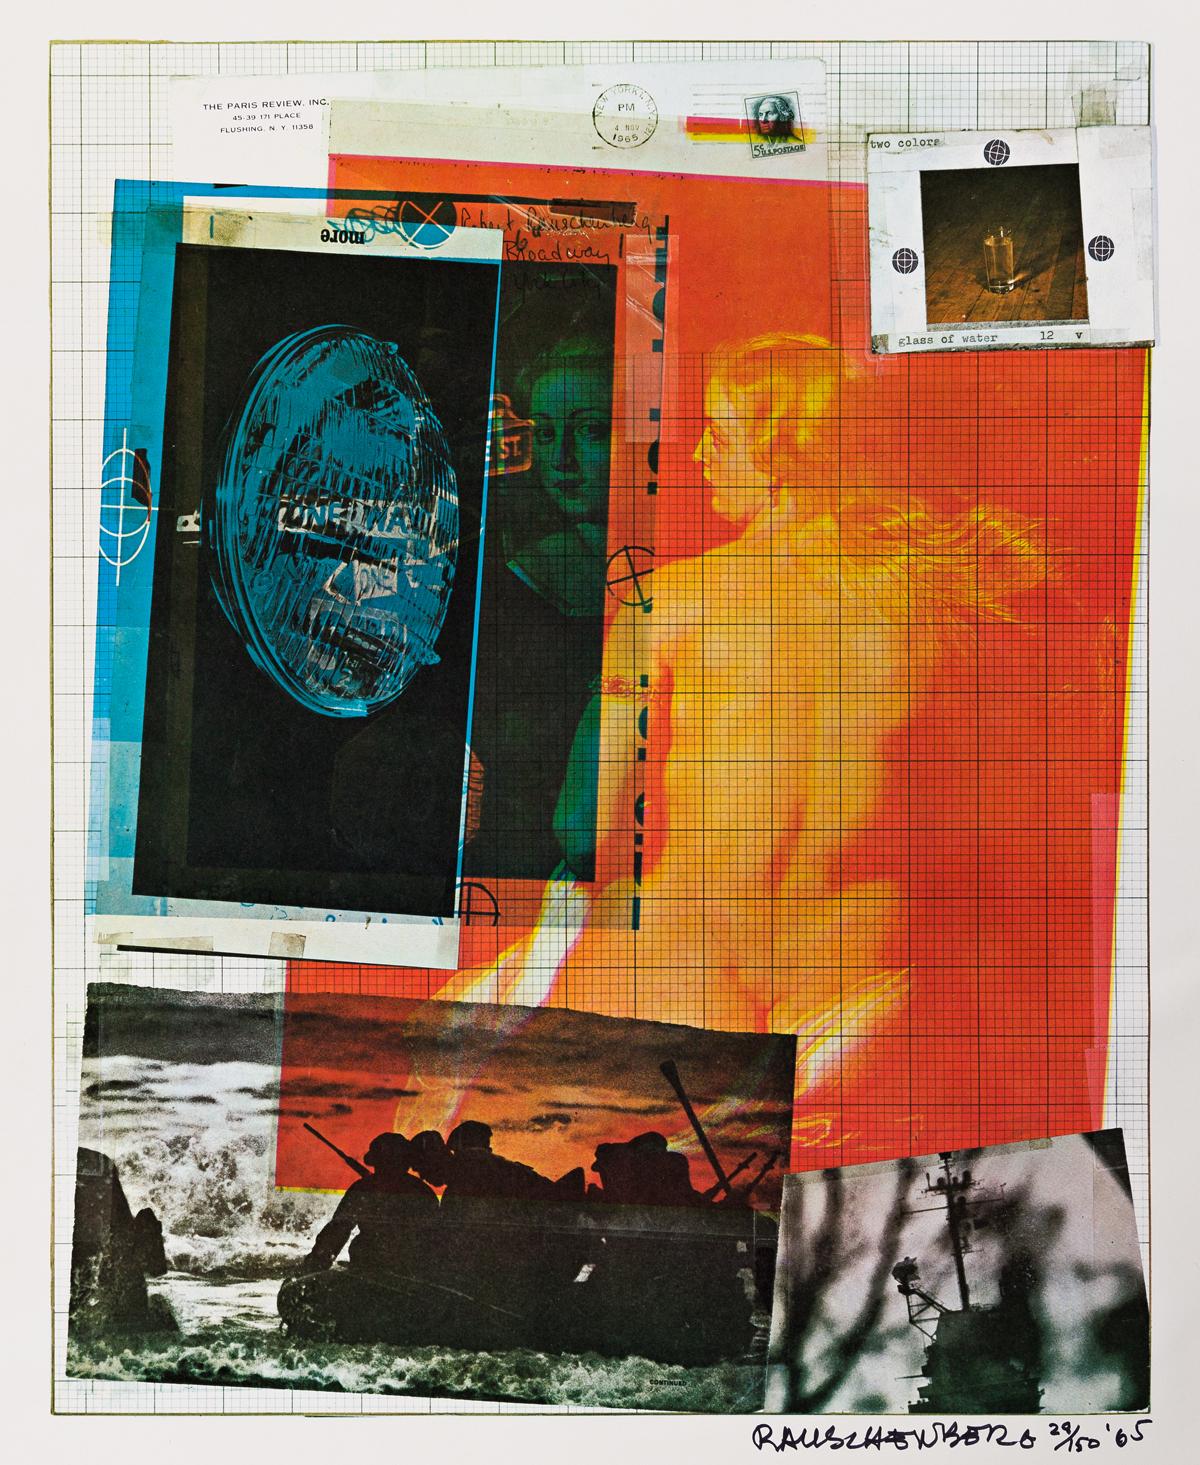 ROBERT RAUSCHENBERG Paris Review Poster.